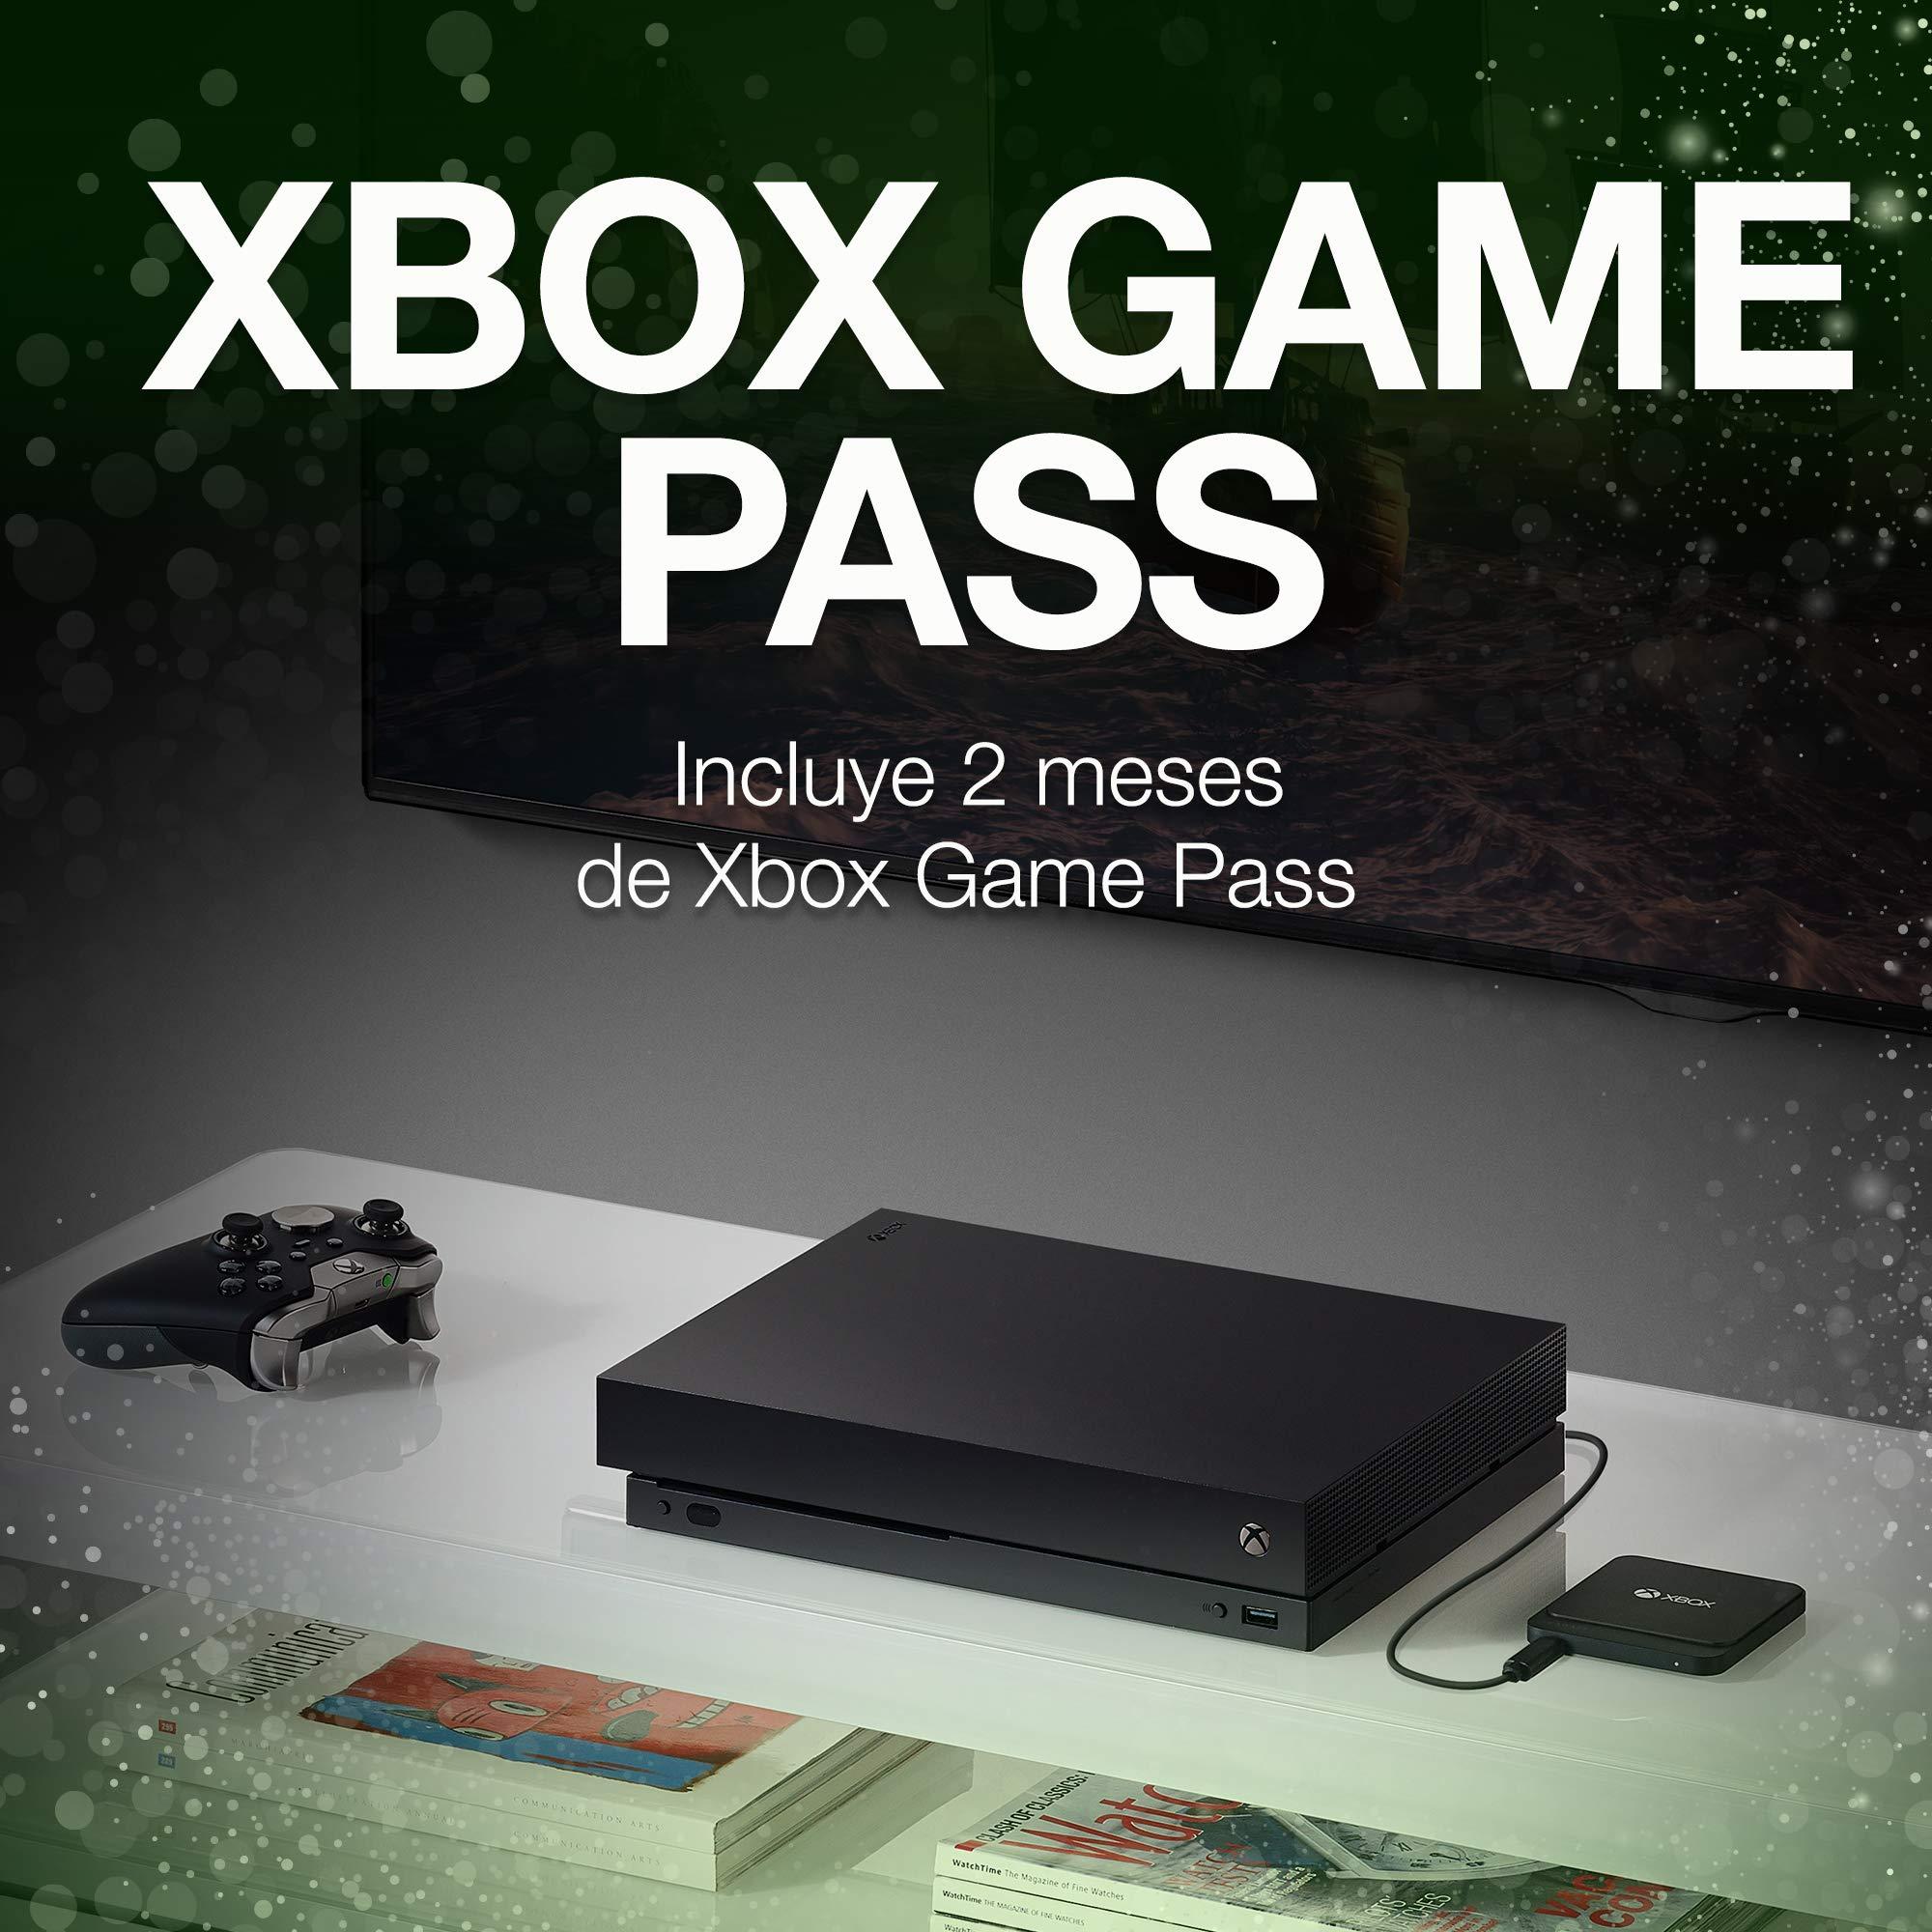 Seagate Game Drive para XBox, 1 TB, Disco duro SSD, USB 3.0 portátil, diseñado para Xbox One, 2 meses de suscripción a Xbox Game Pass (STHB1000401): Amazon.es: Informática